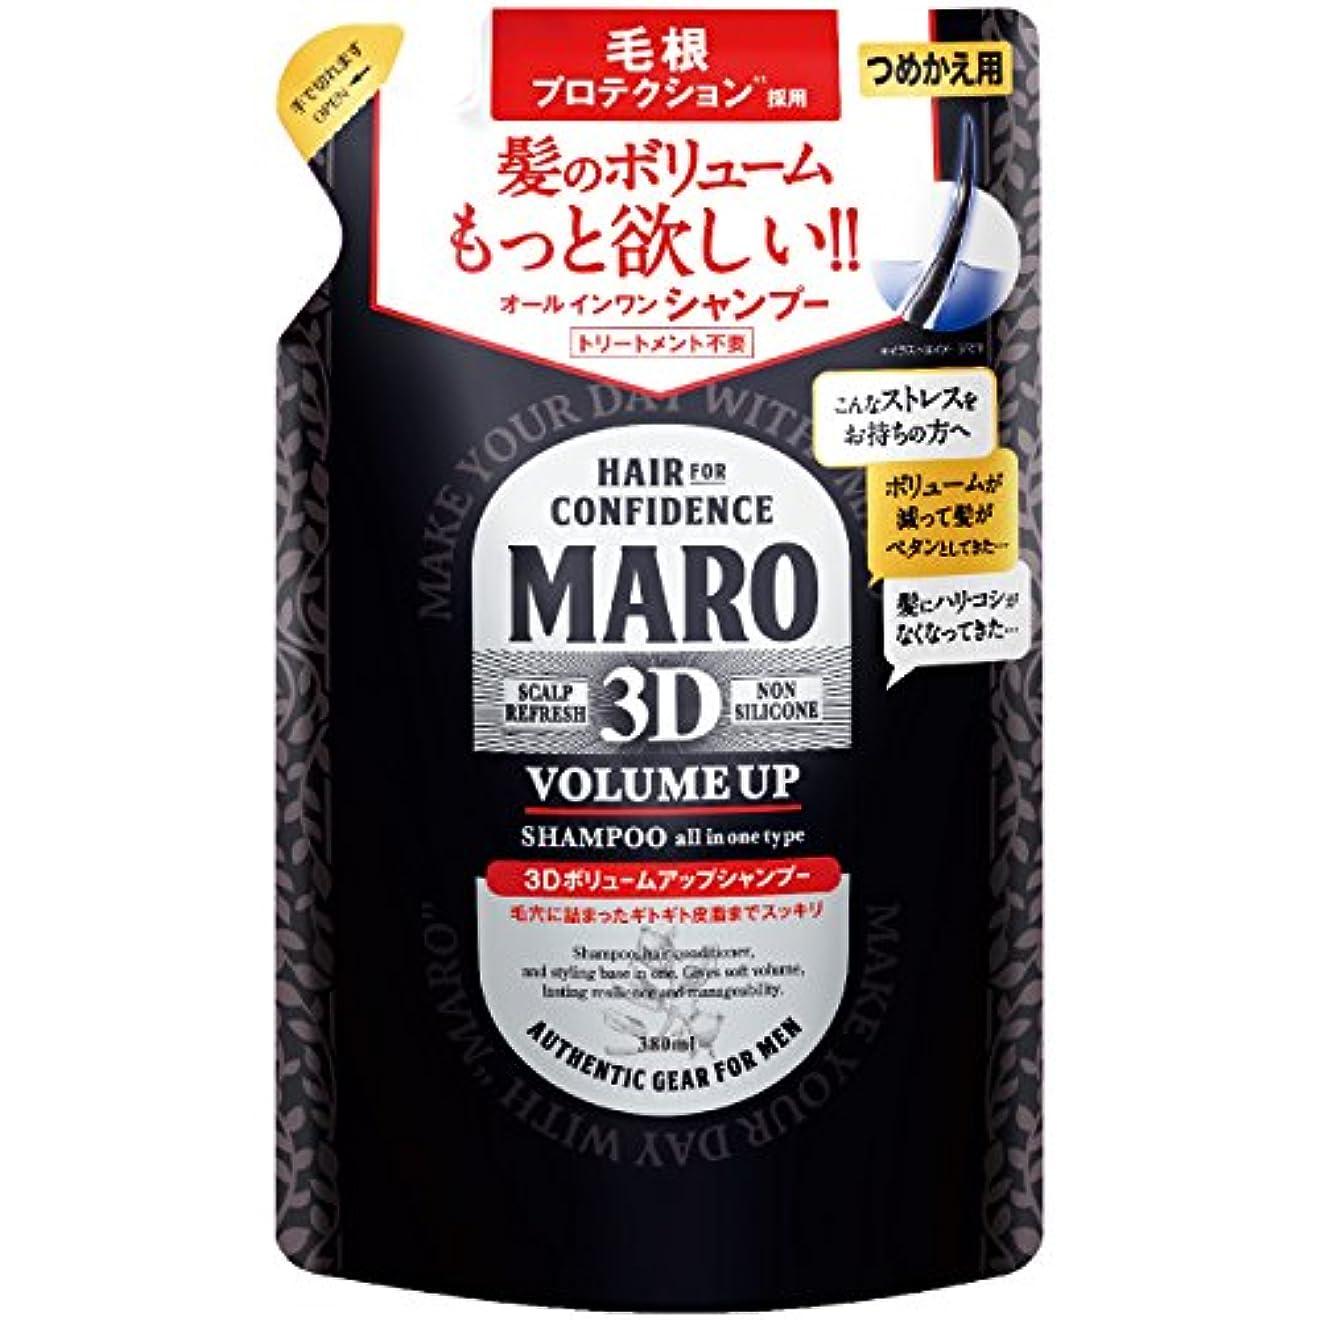 準備グループ国勢調査MARO 3Dボリュームアップ シャンプー EX 詰め替え 380ml